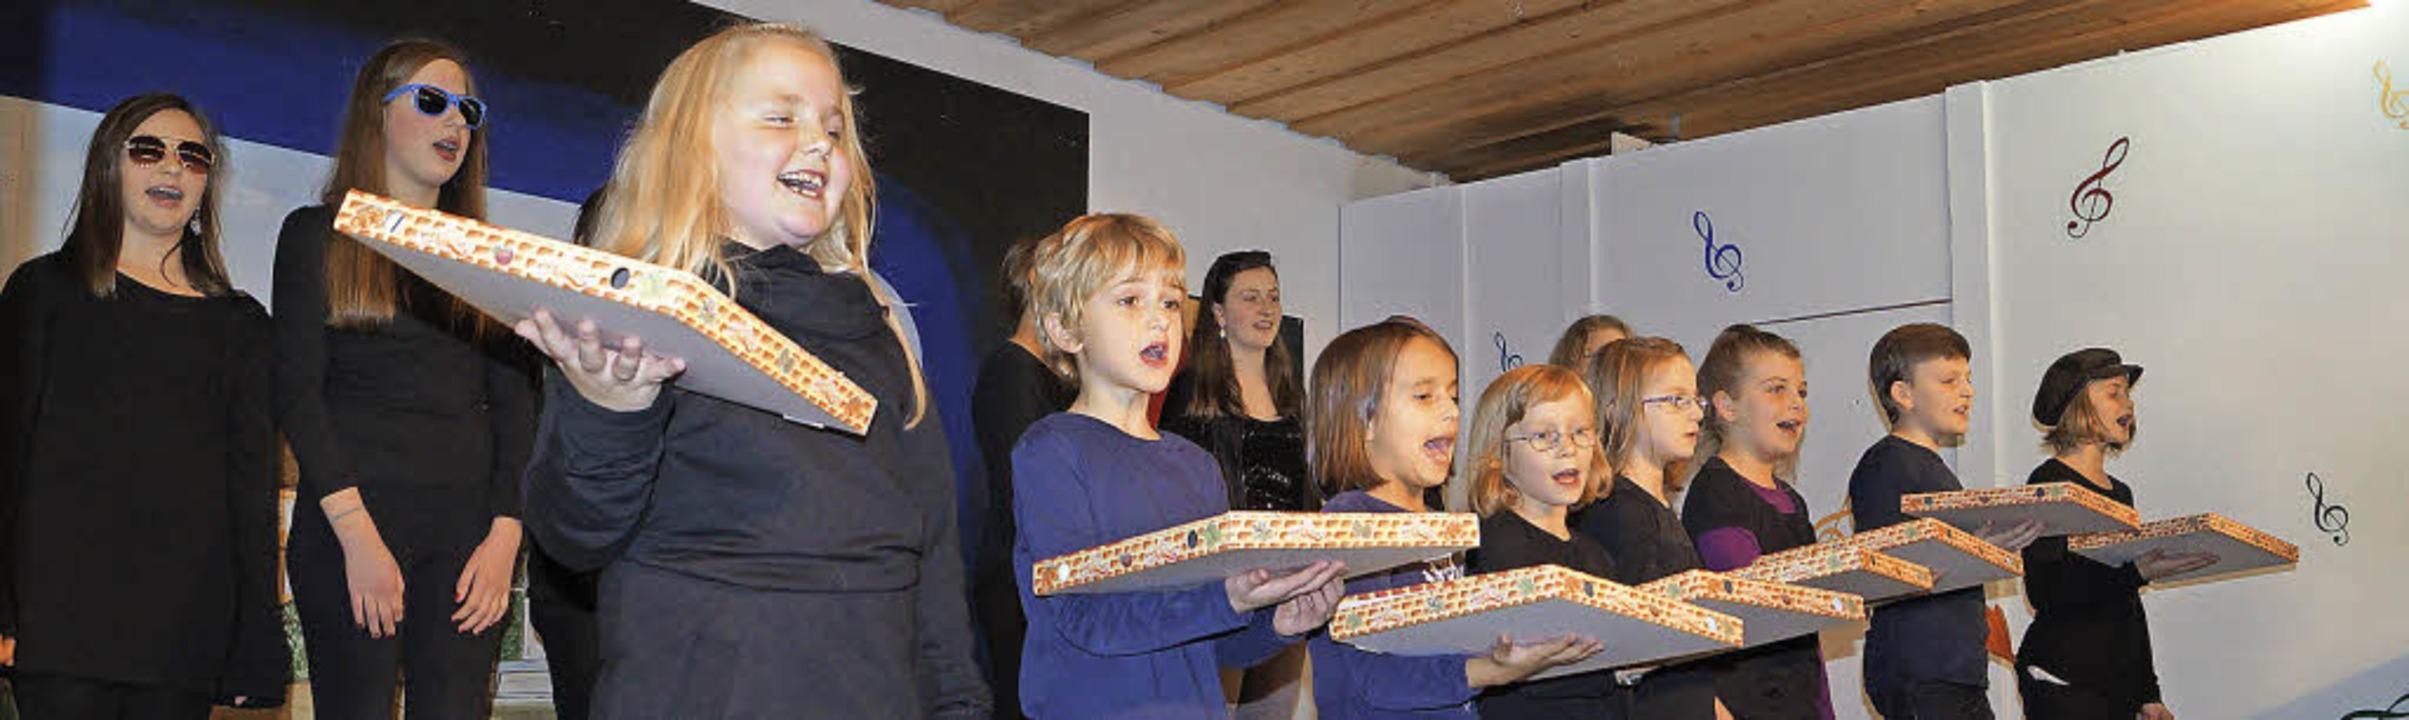 Der Nachwuchs  des Gesangvereins Schal... nach Bella Italia   Wegzehrung dabei.  | Foto: sil